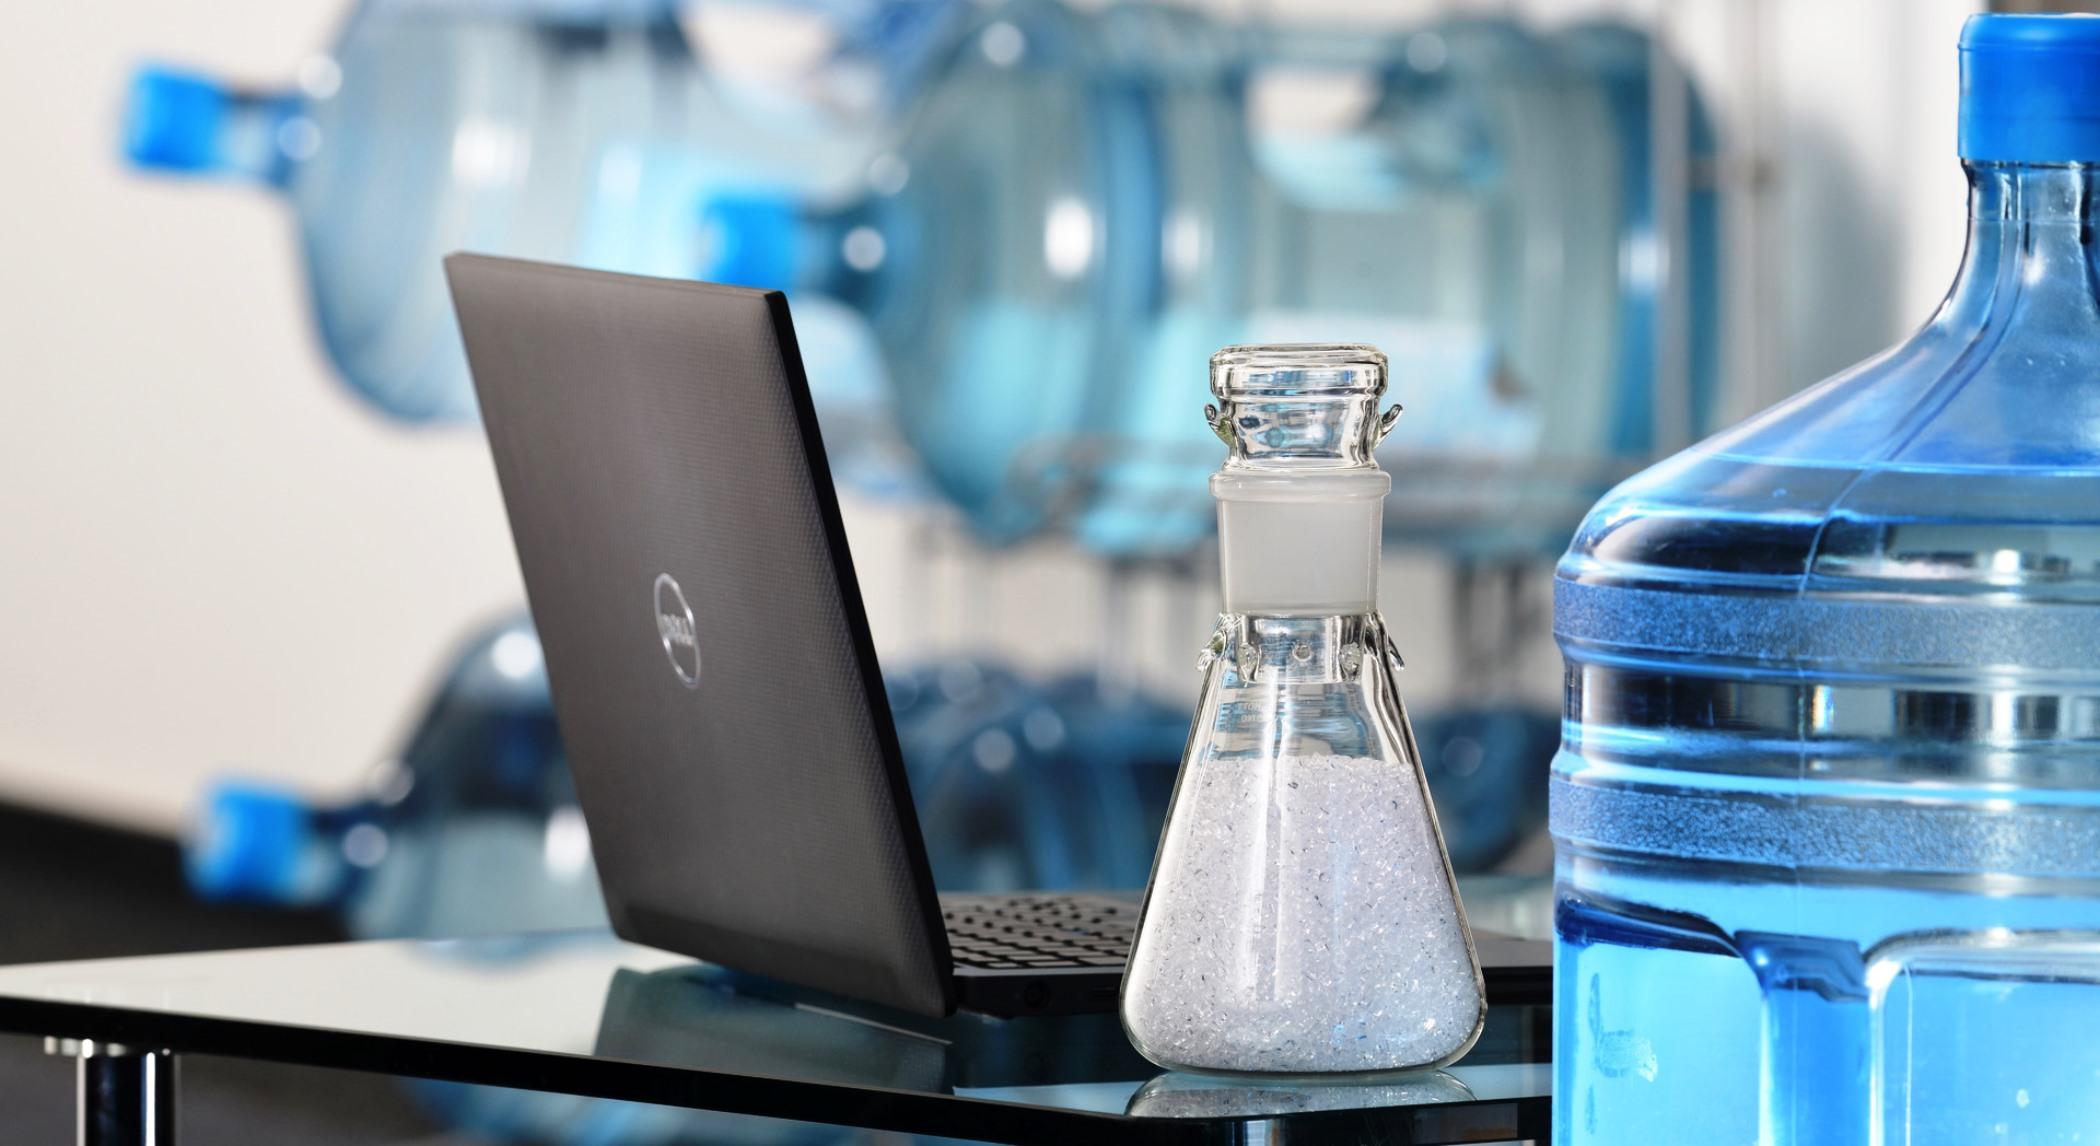 Крышки для ноутбуков из использованных пластиковых бутылок разработали специалисты компанииLANXESS. Подробности о разработке, фото.